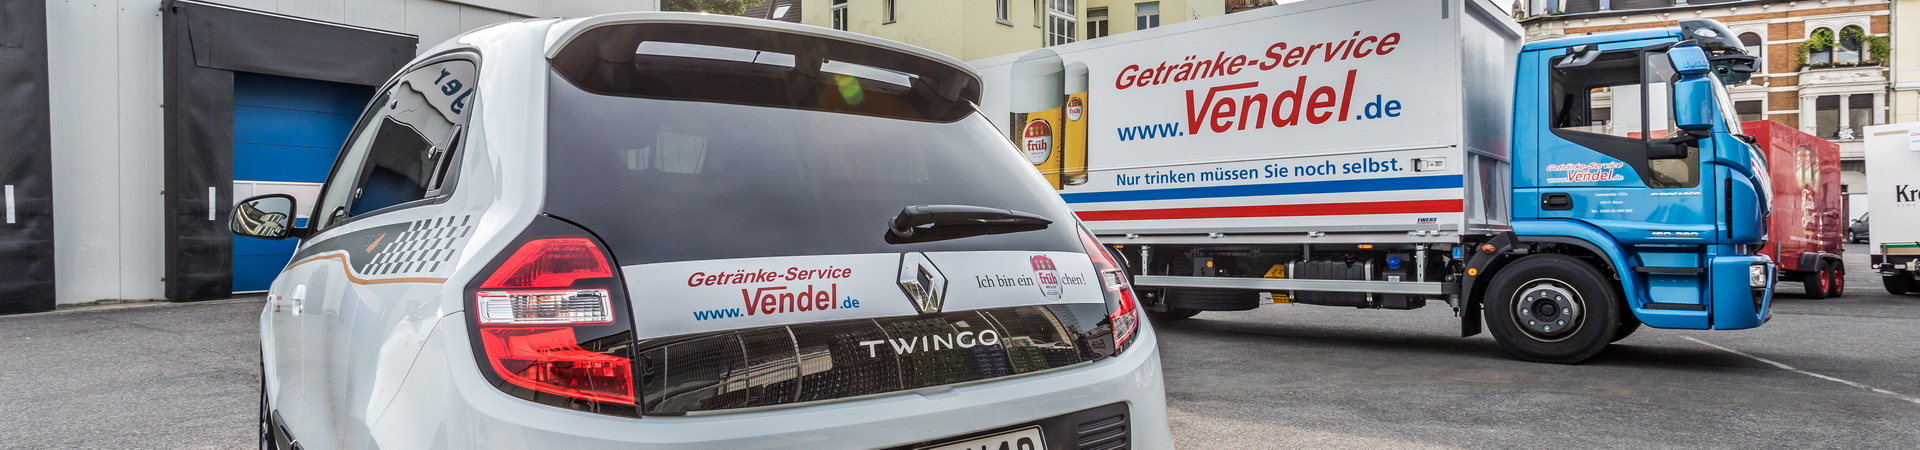 Herzlich Willkommen bei Getränke-Service Vendel | Getränke-Service ...